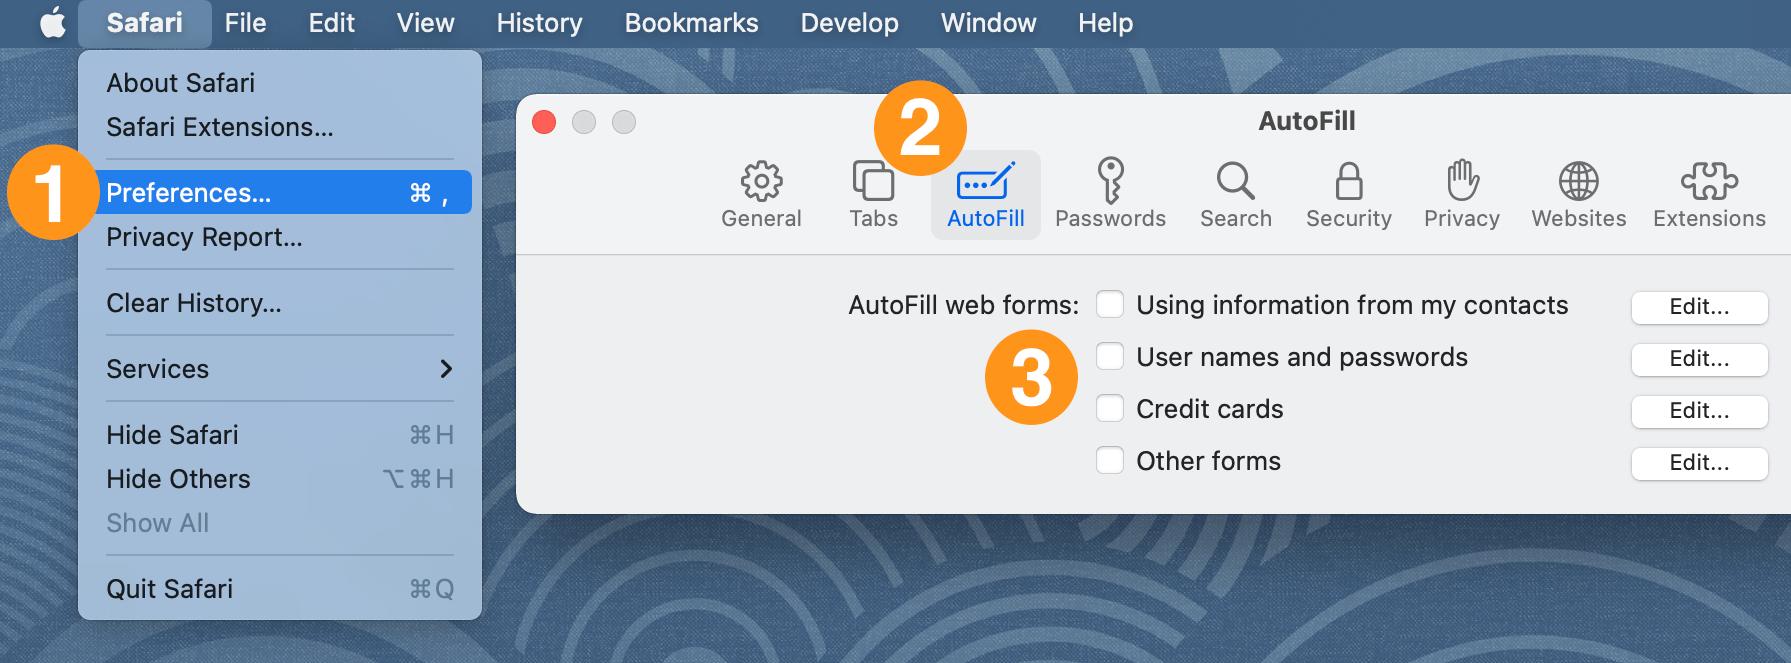 Turn off the AutoFill settings in Safari preferences